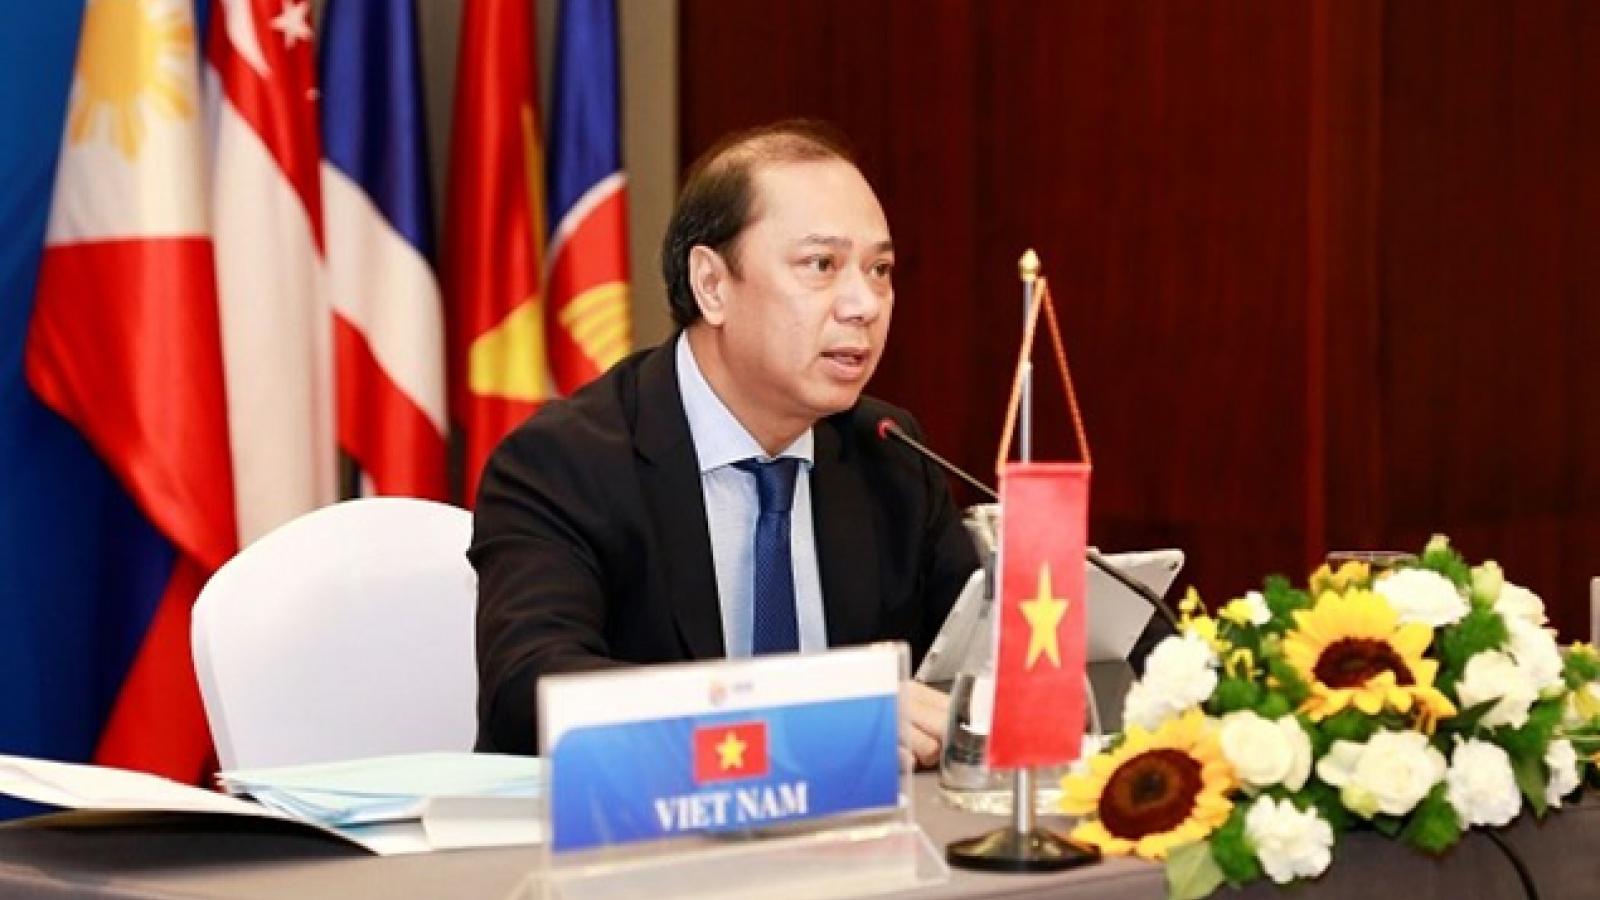 Báo Campuchia đánh giá cao công tác chuẩn bịHội nghị Cấp cao ASEAN 37 của Việt Nam